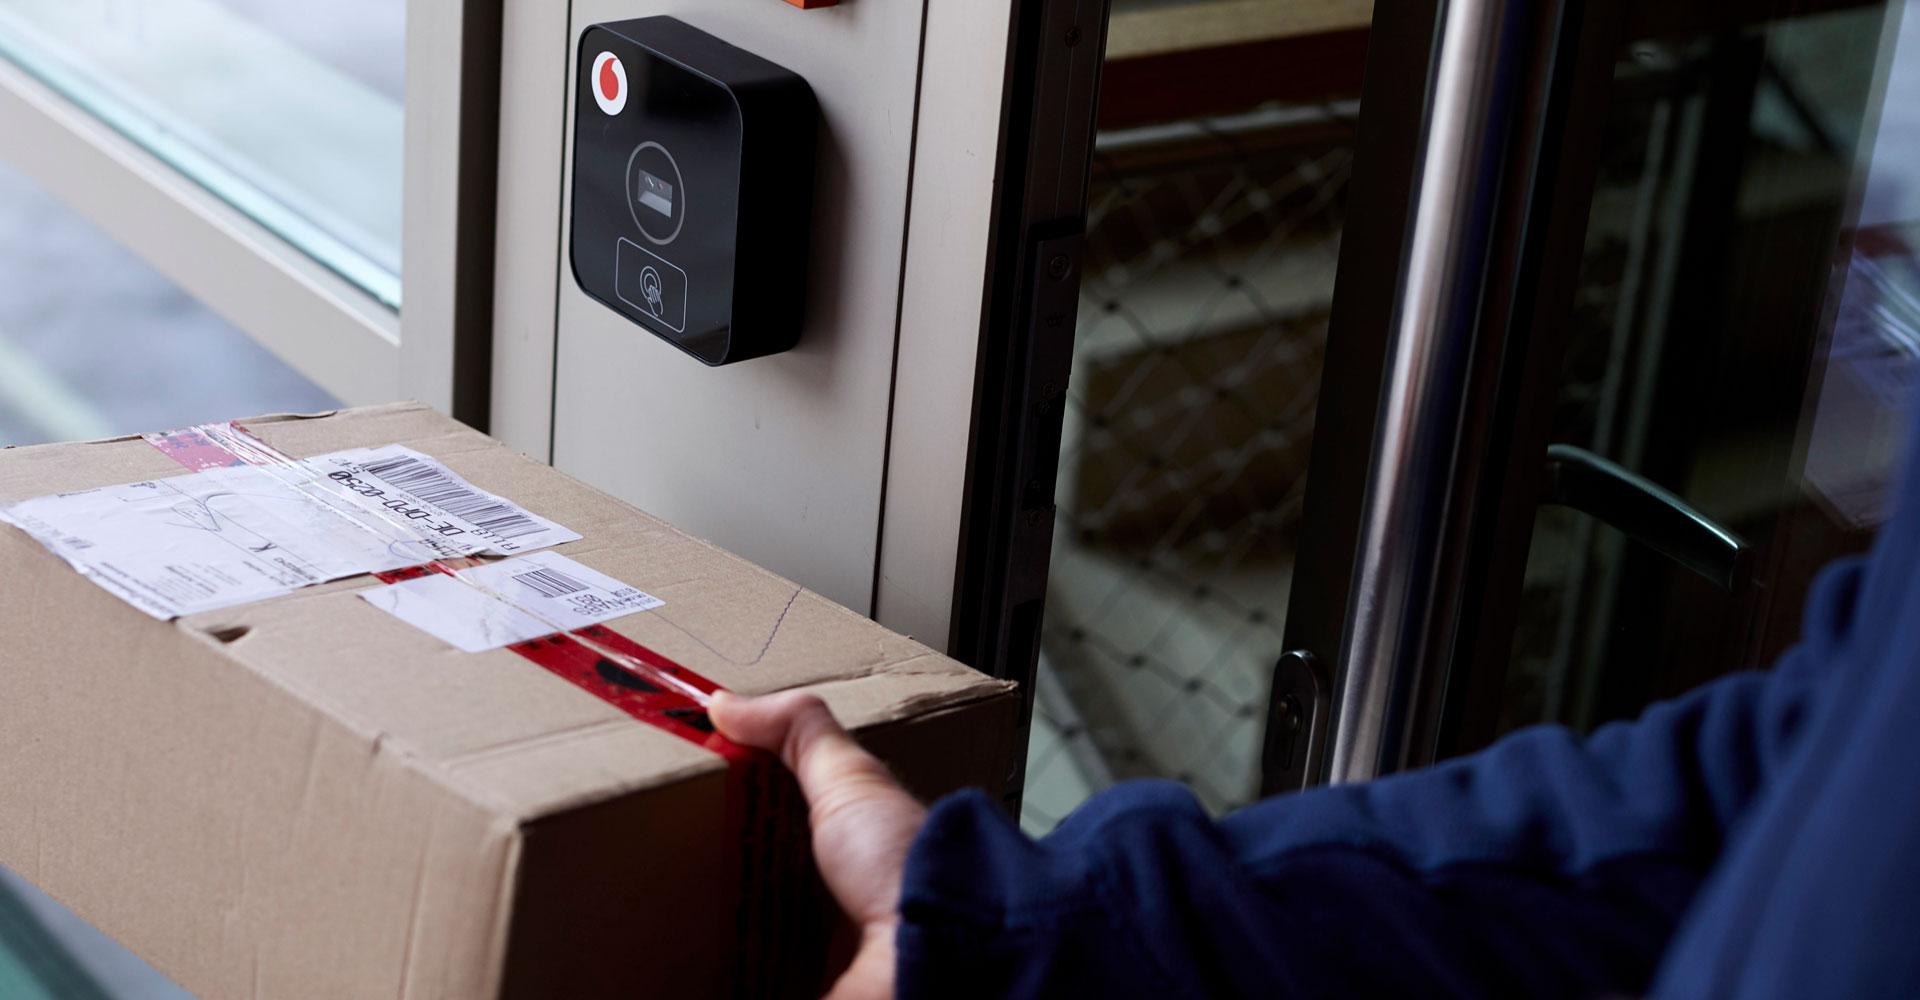 Digitaler Concierge: Cido öffnet Paketboten die Tür – und kann noch viel mehr